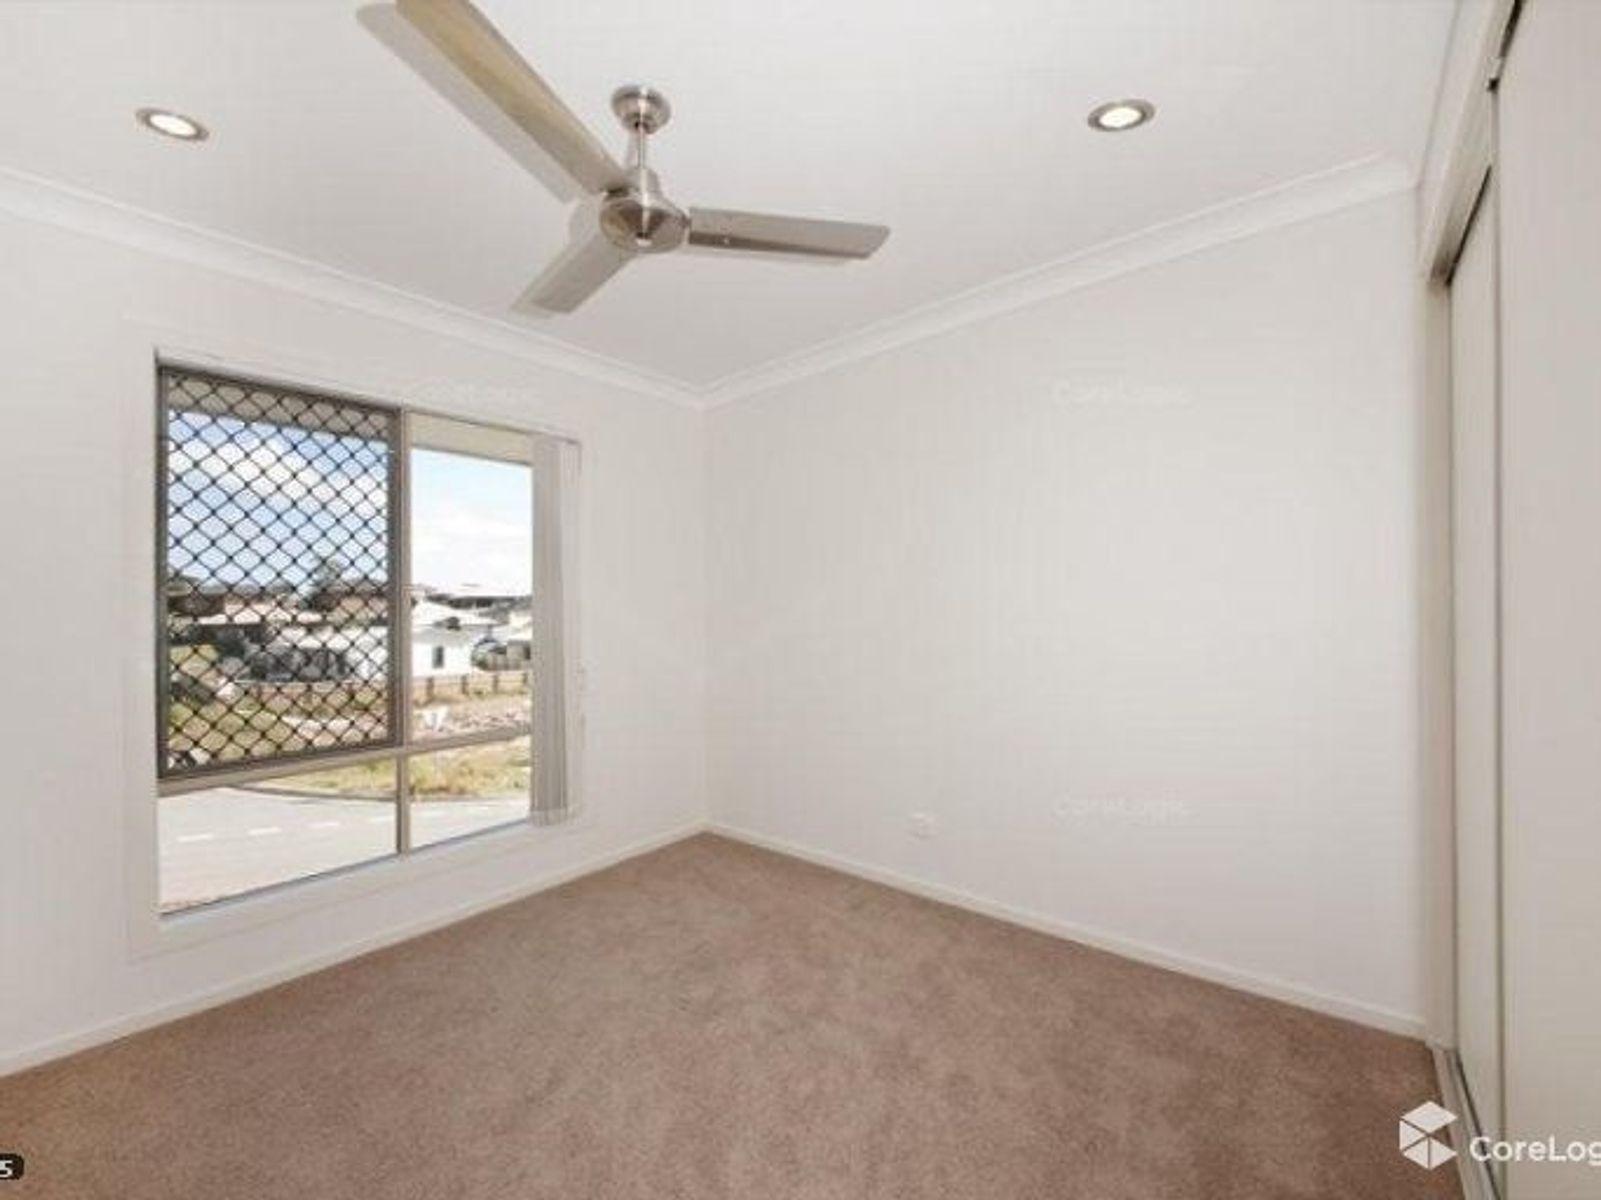 16 Winchester Crescent, Pimpama, QLD 4209